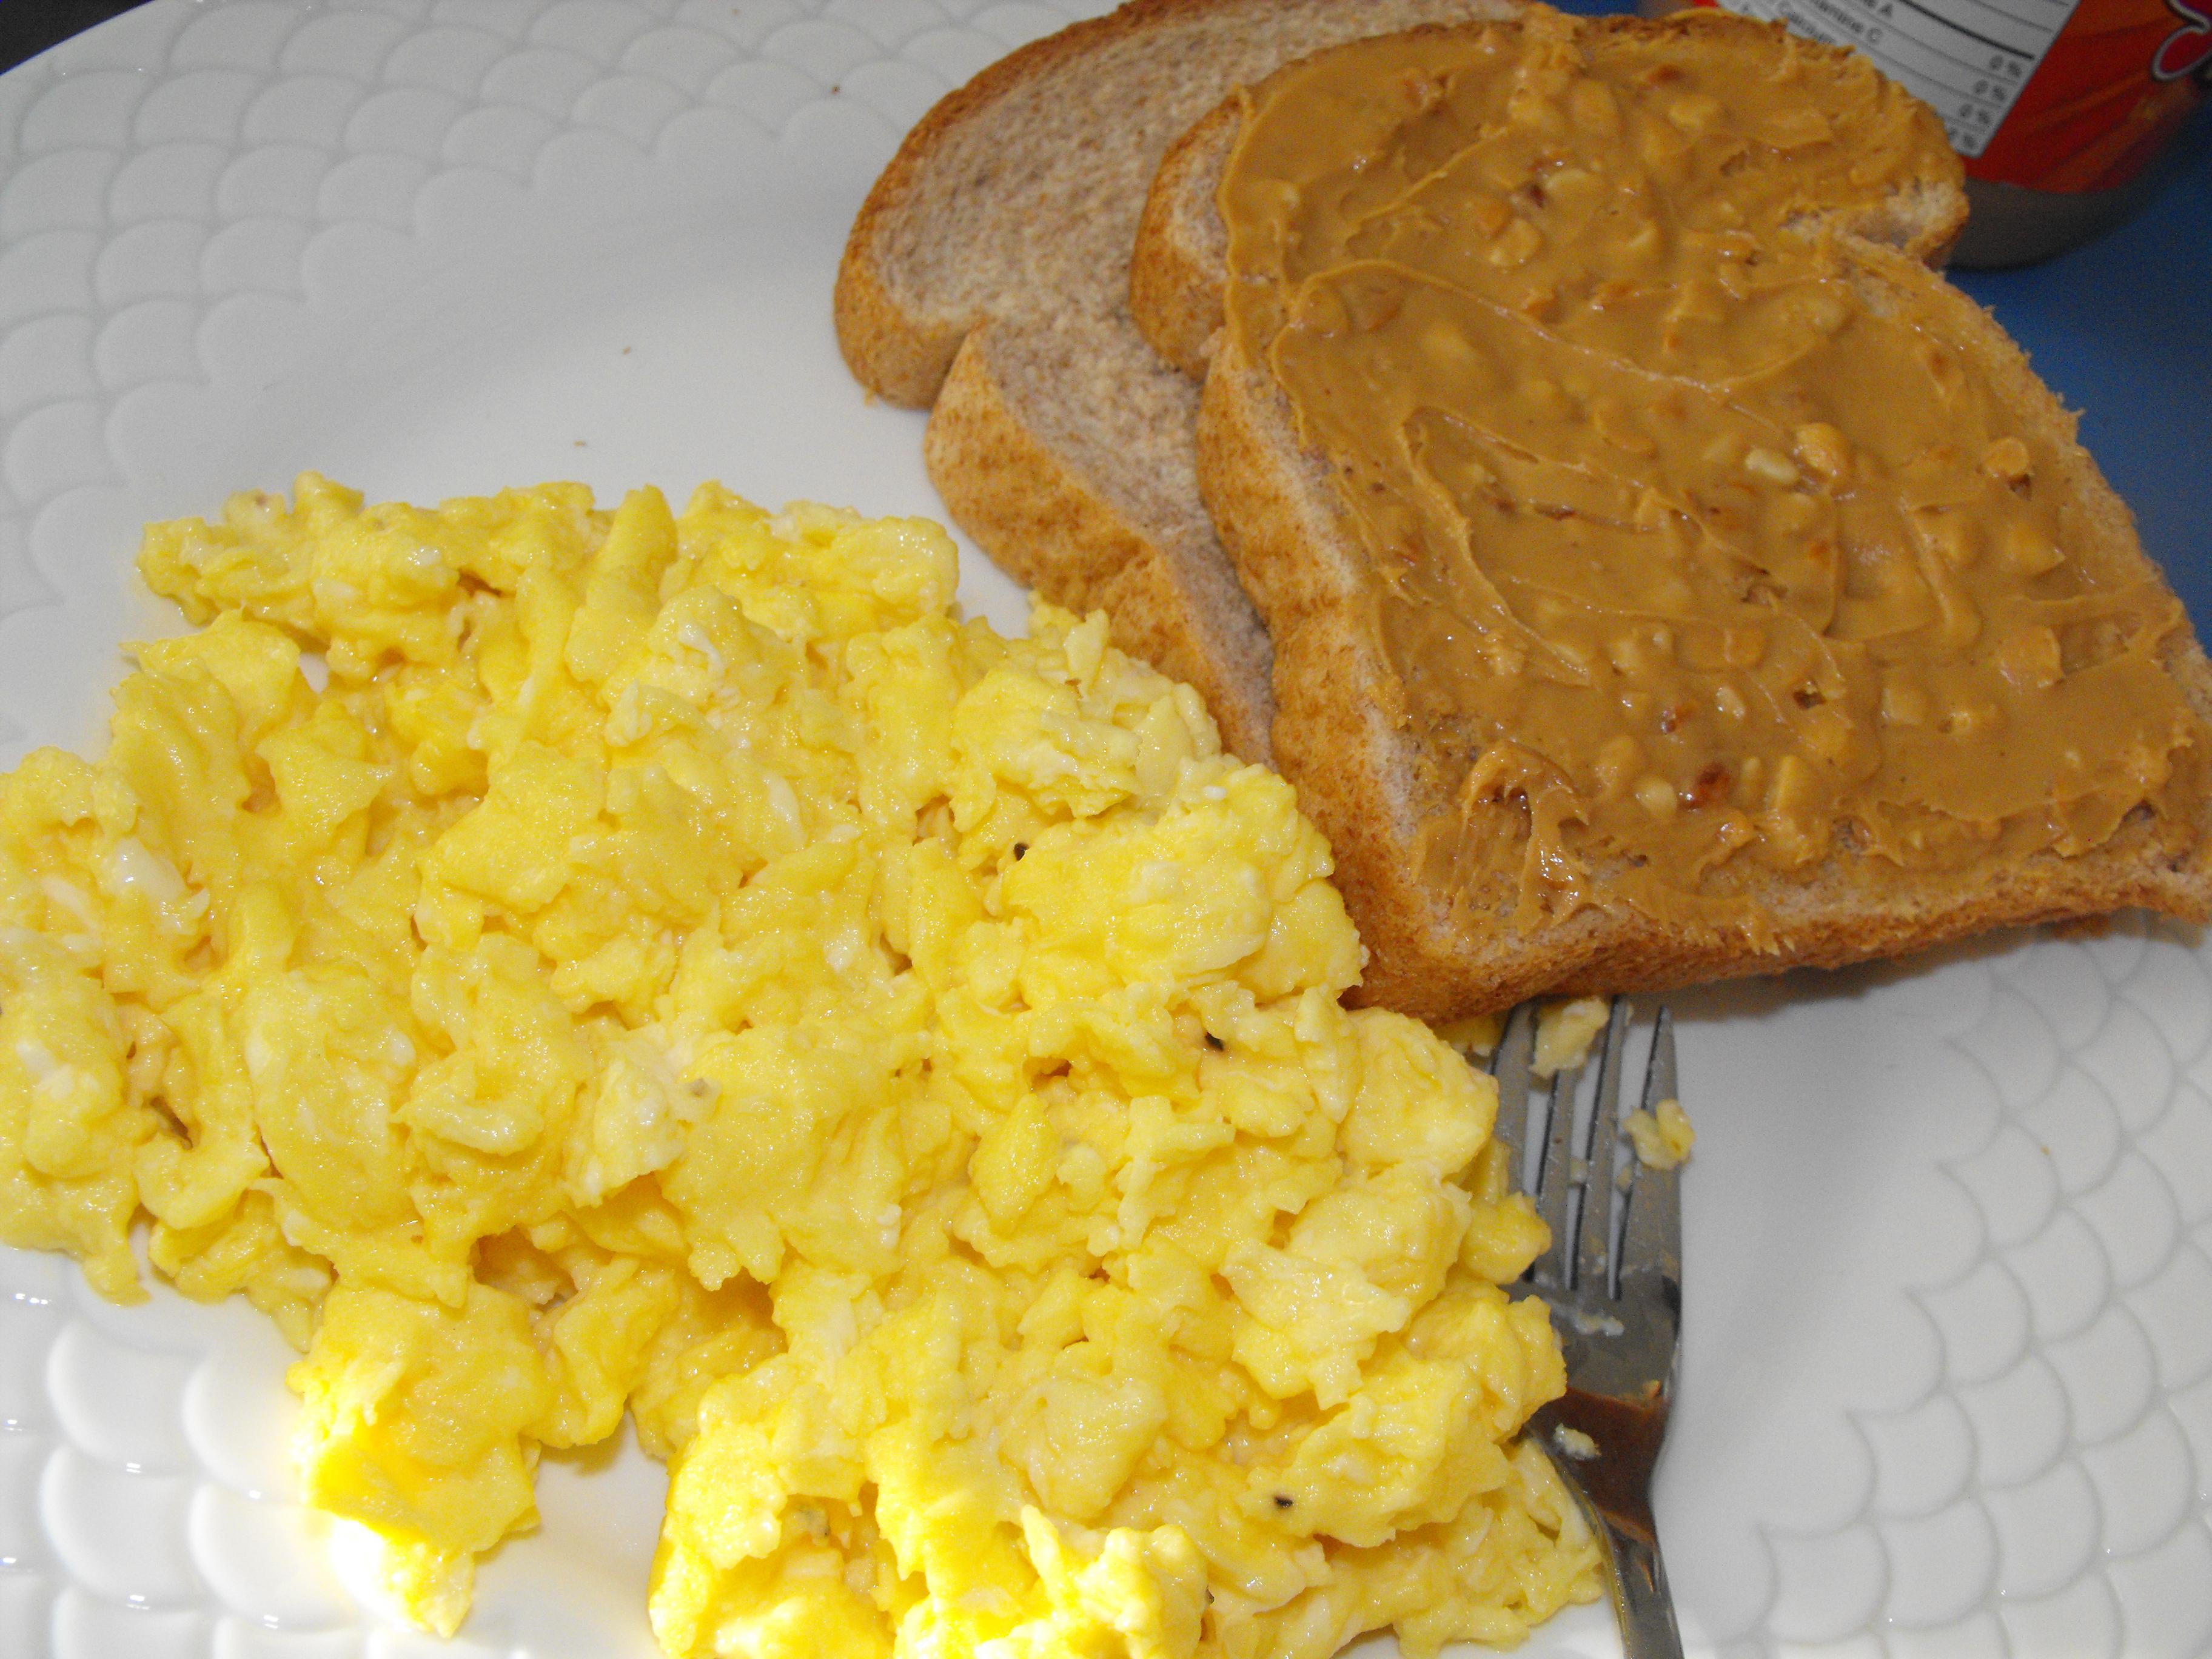 http://foodloader.net/cutie_2010-03-09_crunchy_peanut_butter_sandwich_and_scrambled_eggs.jpg